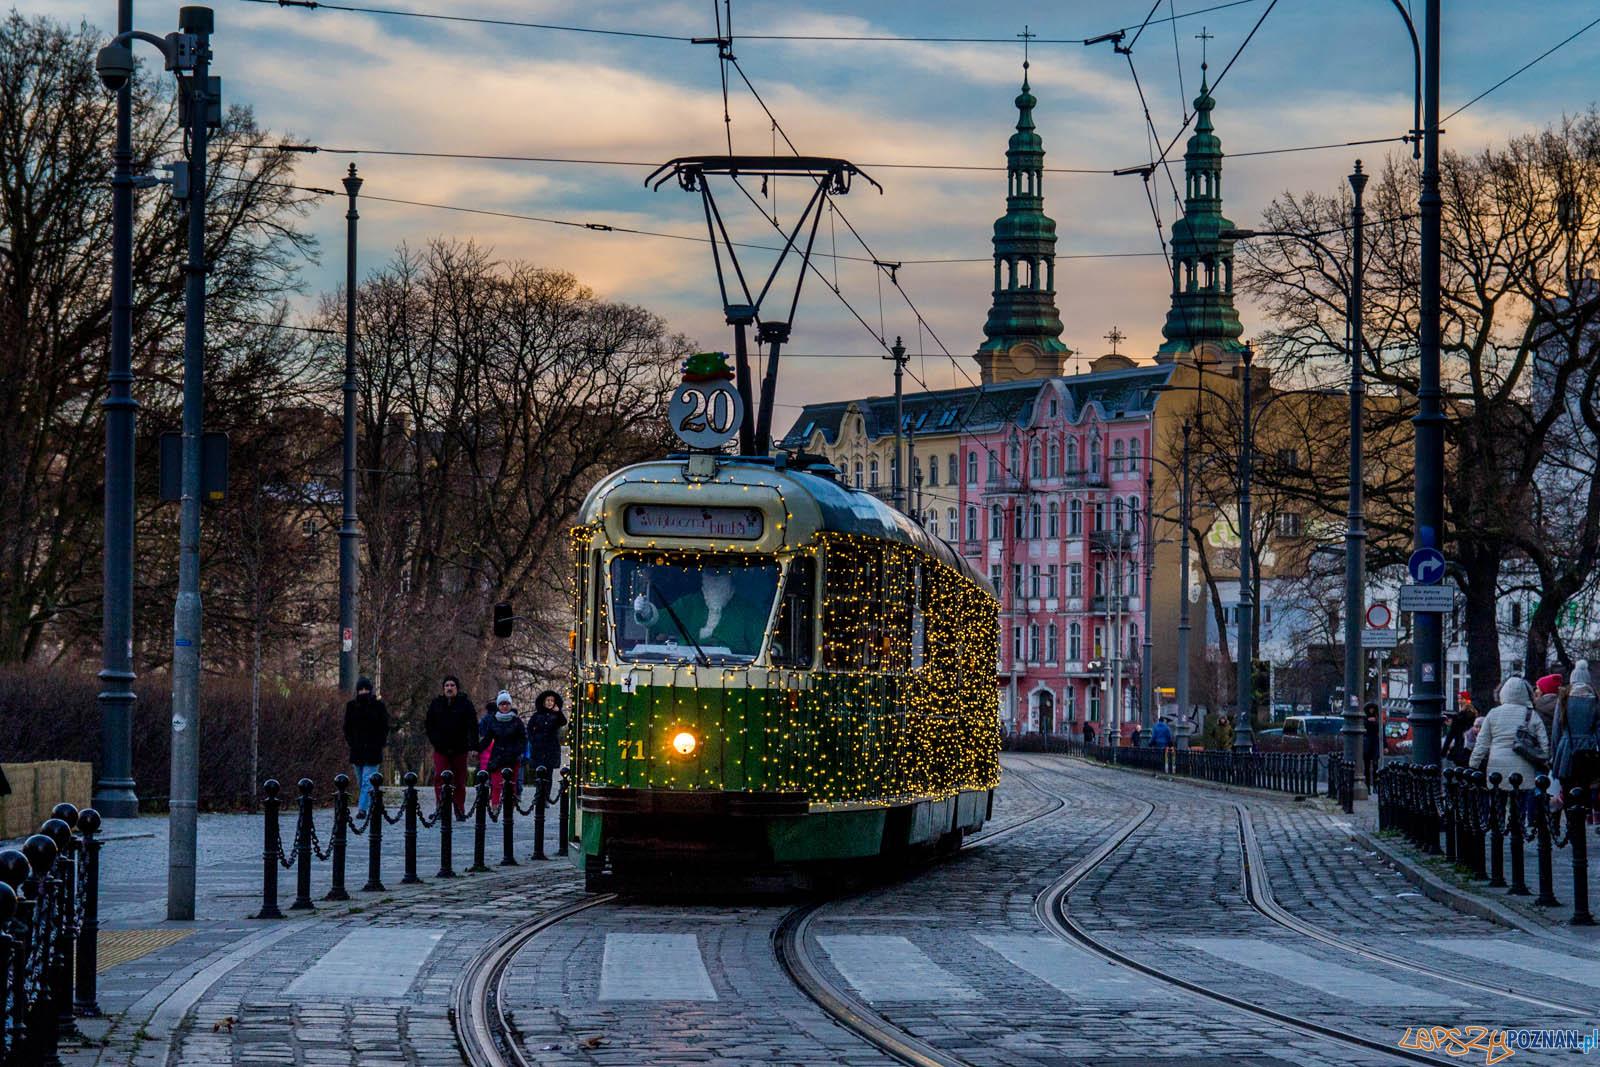 Swiąteczna bimba  Foto: lepszyPOZNAN.pl / Ewelina Jaskowiak